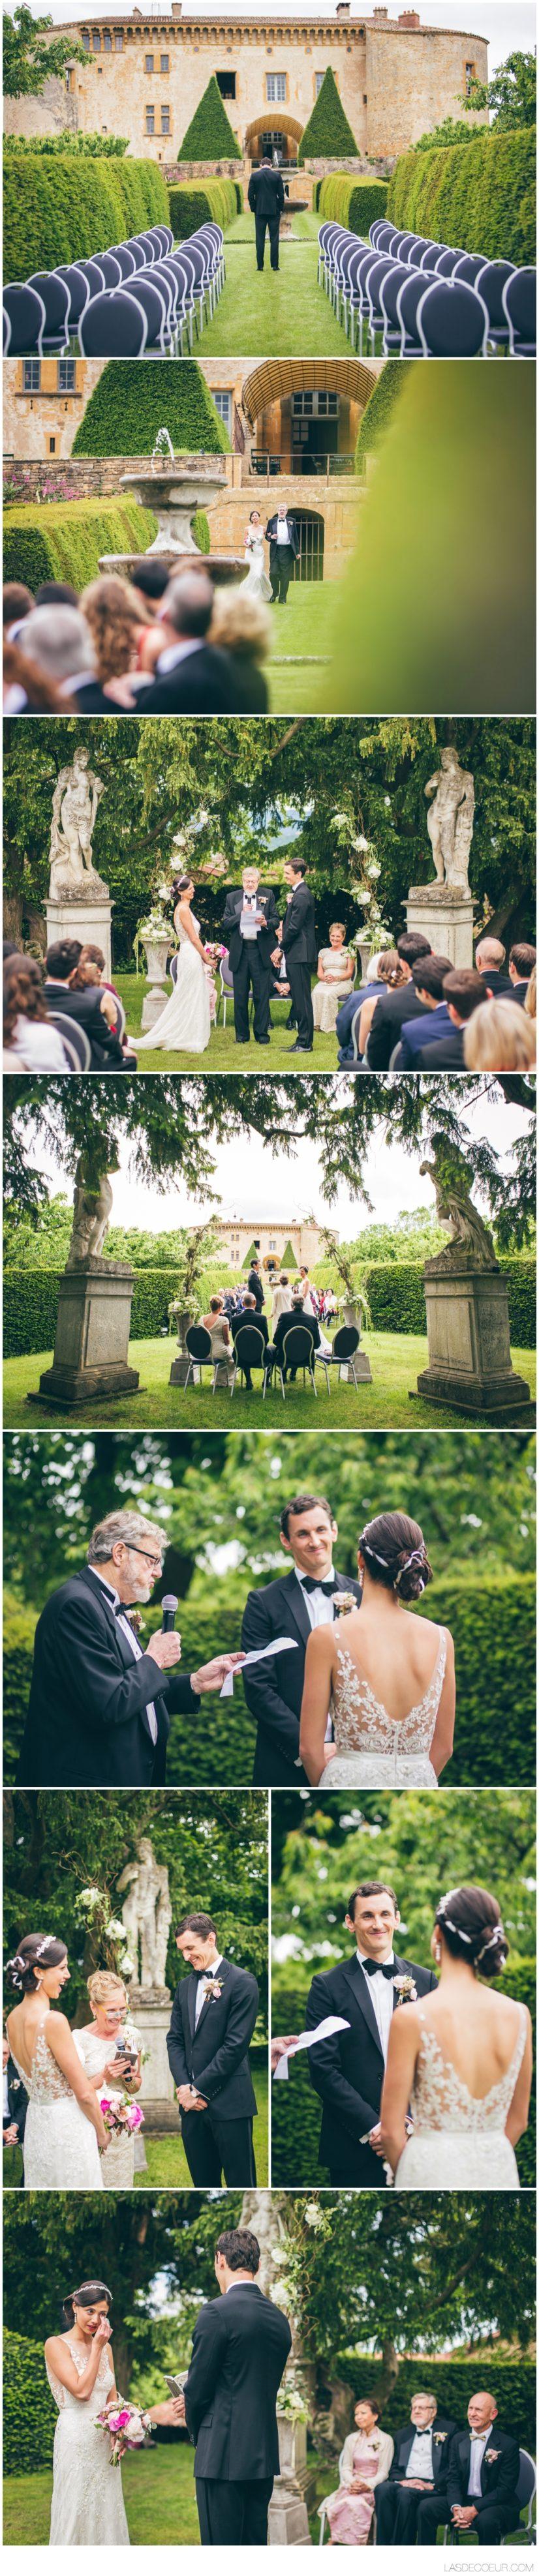 photo entrée mariée Chateau Bagnols Lyon ©lasdecoeur